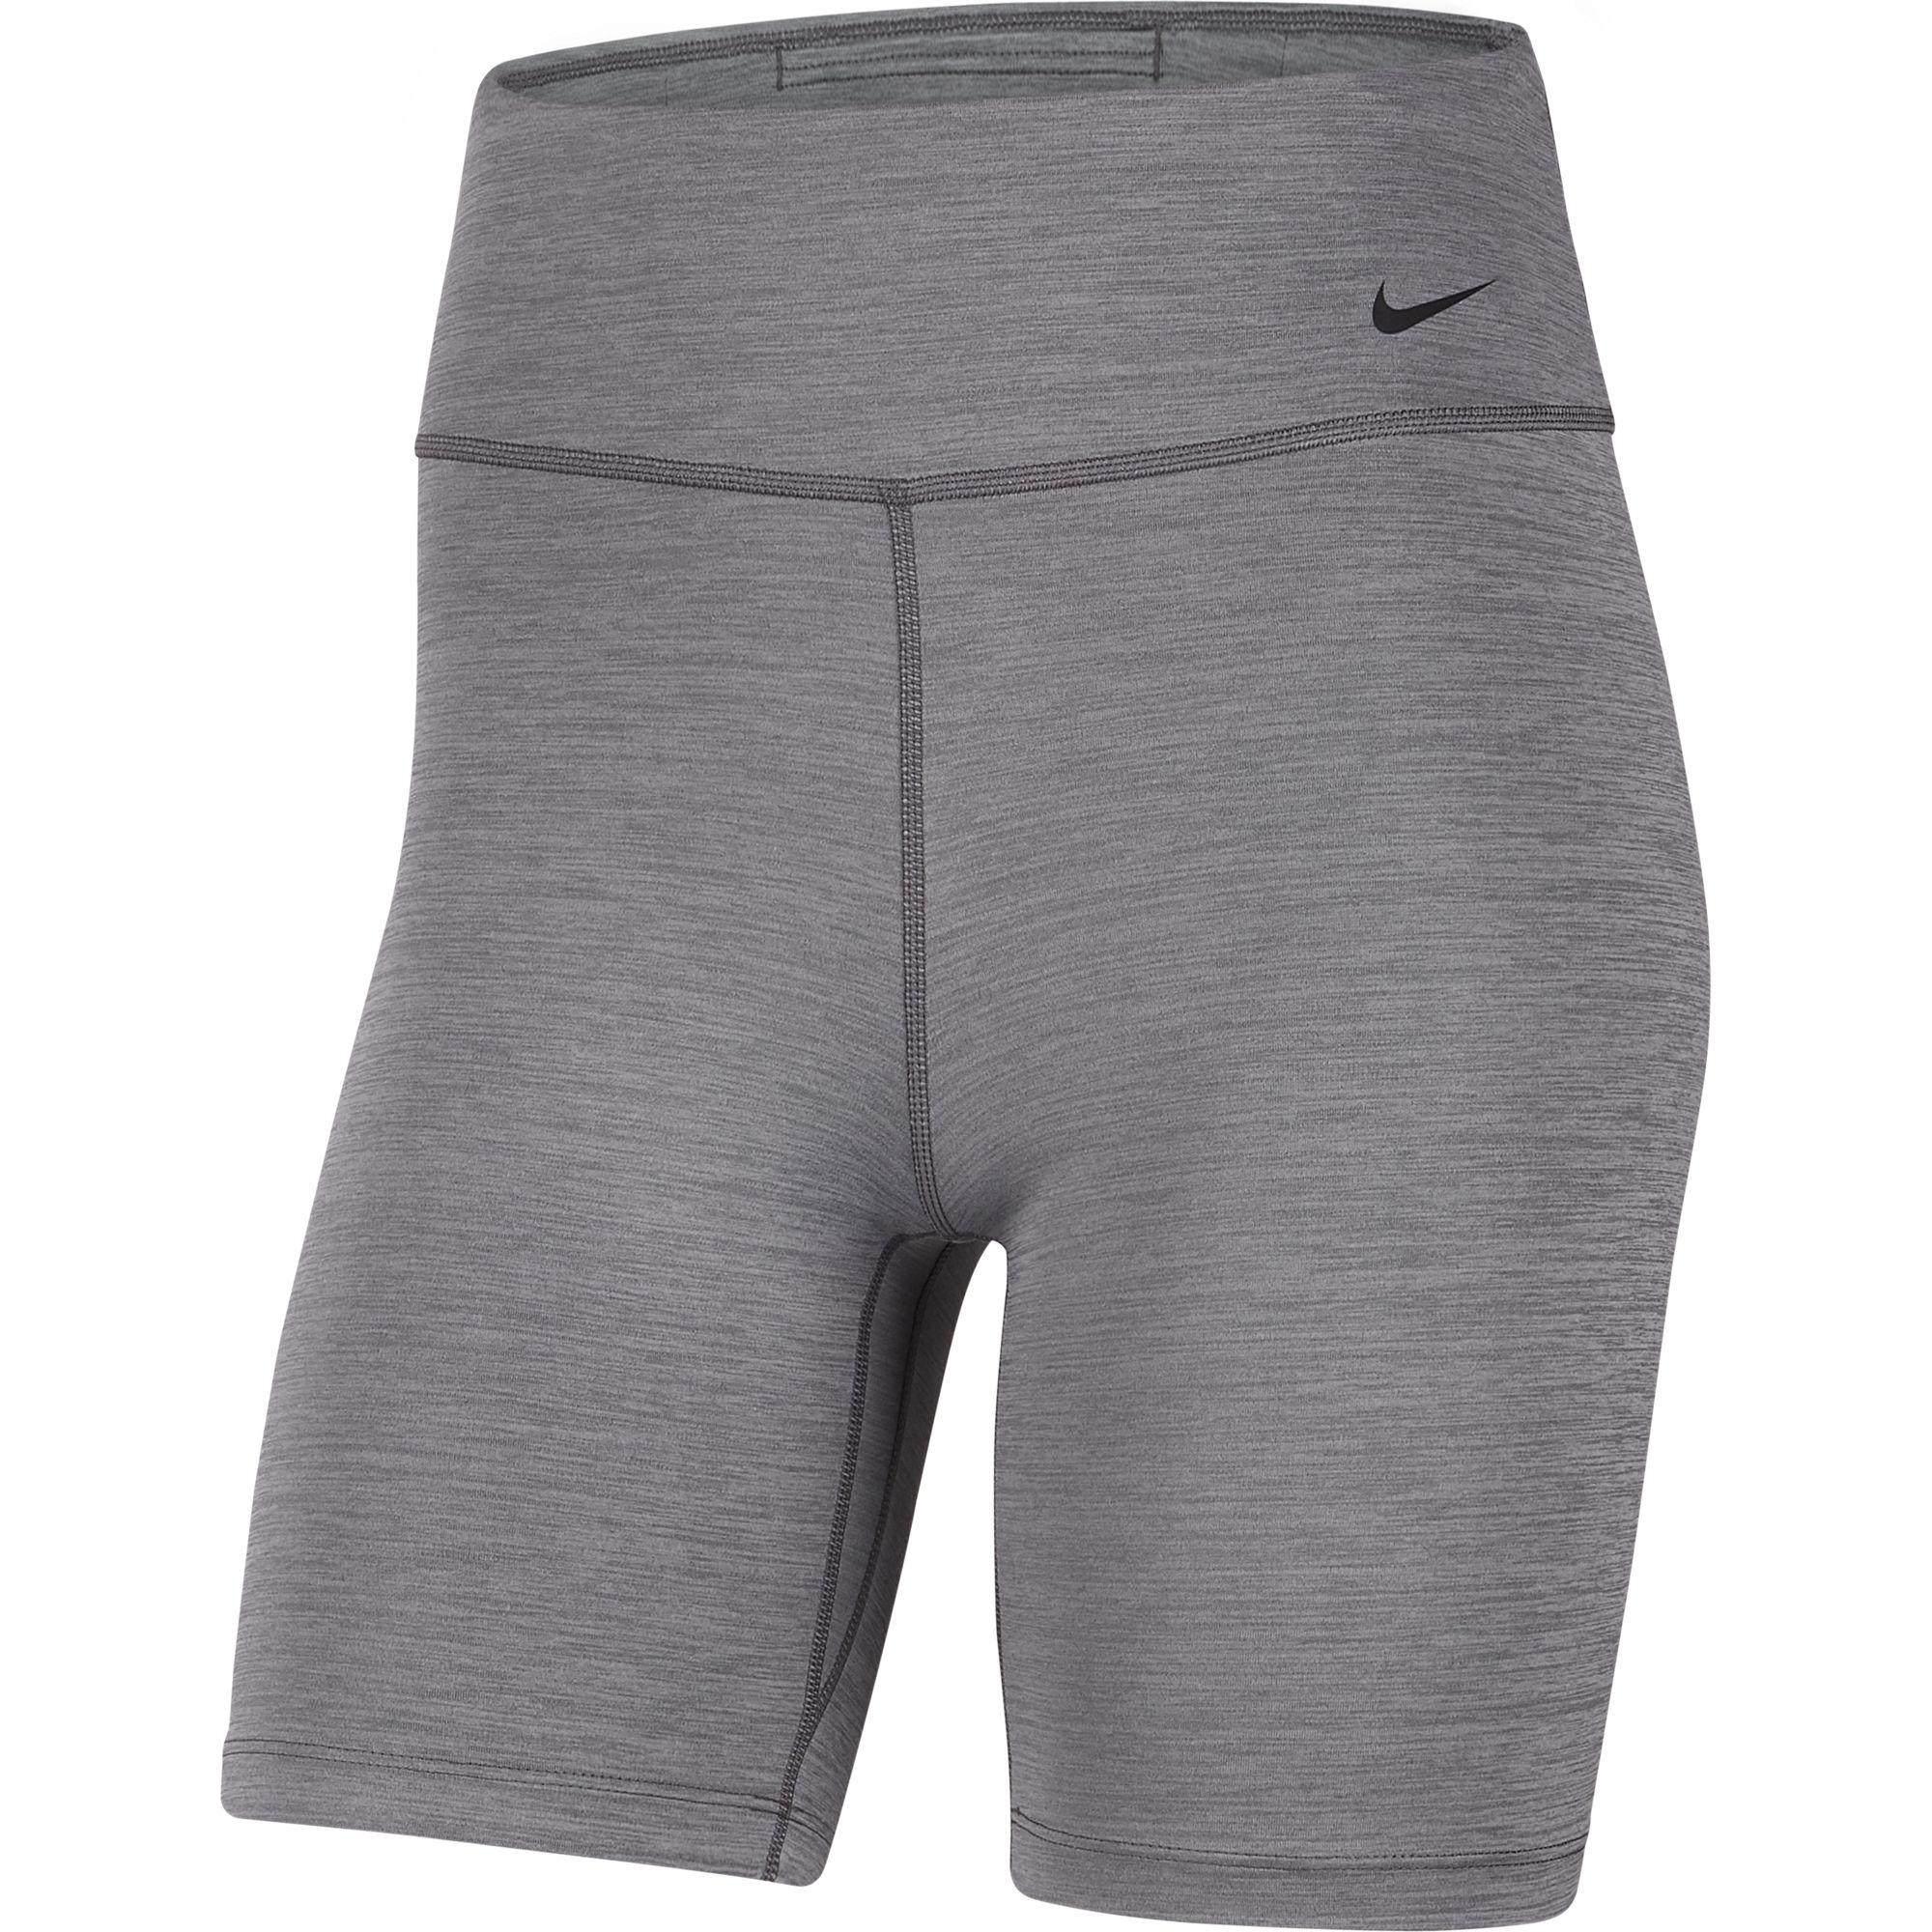 Nike One, Heather Gray, swatch